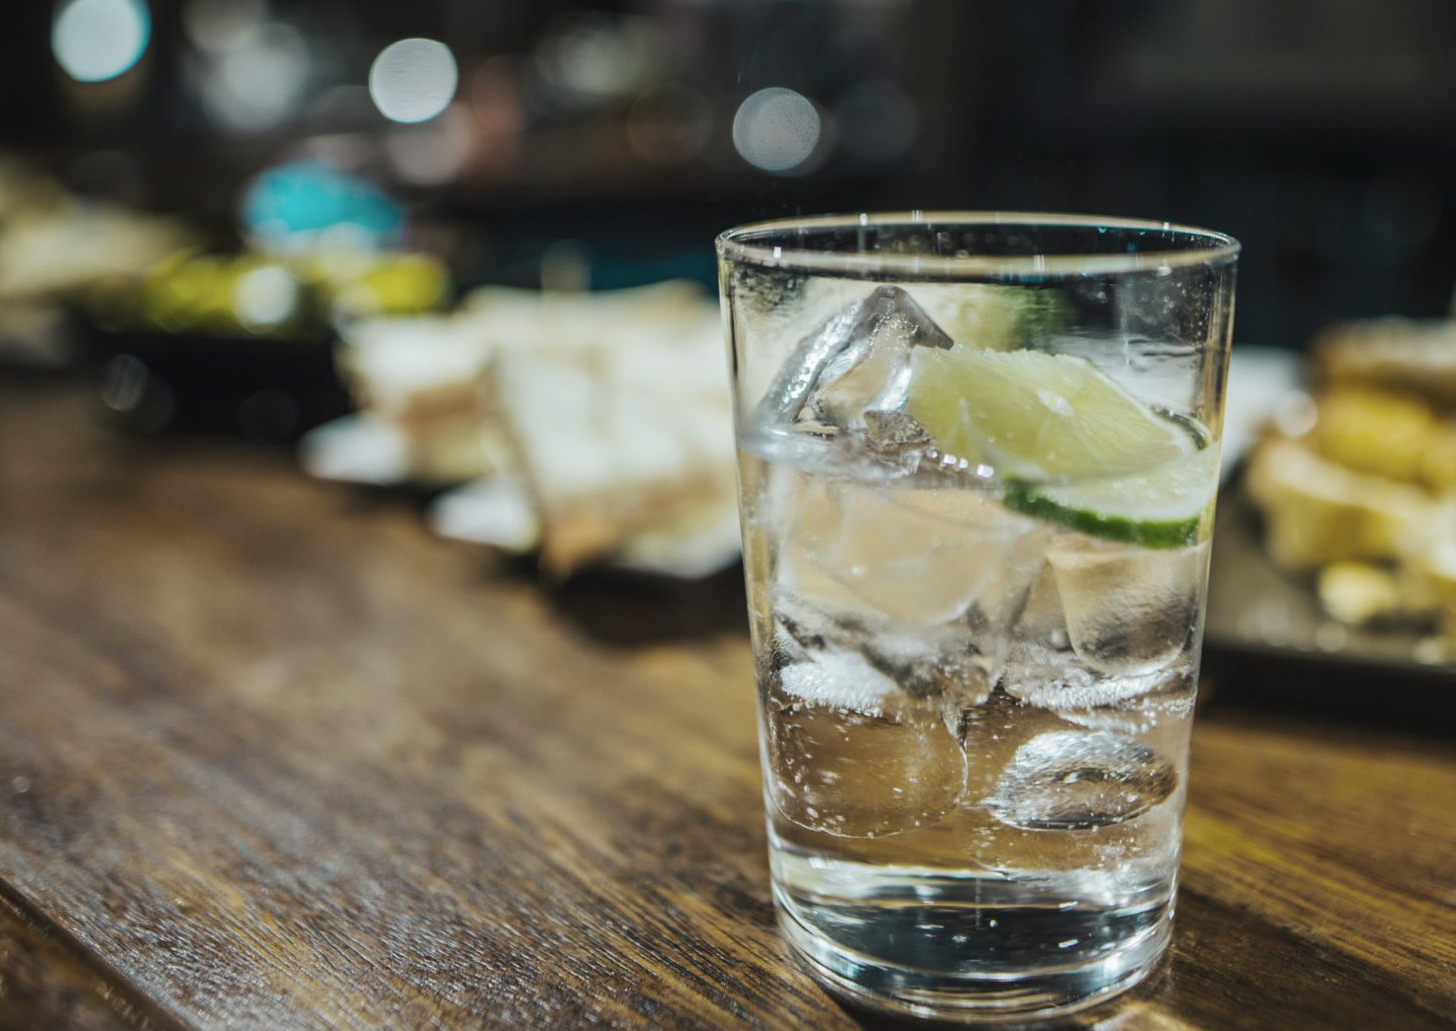 Как правильно пить джин - Международная платформа для барменов Inshaker